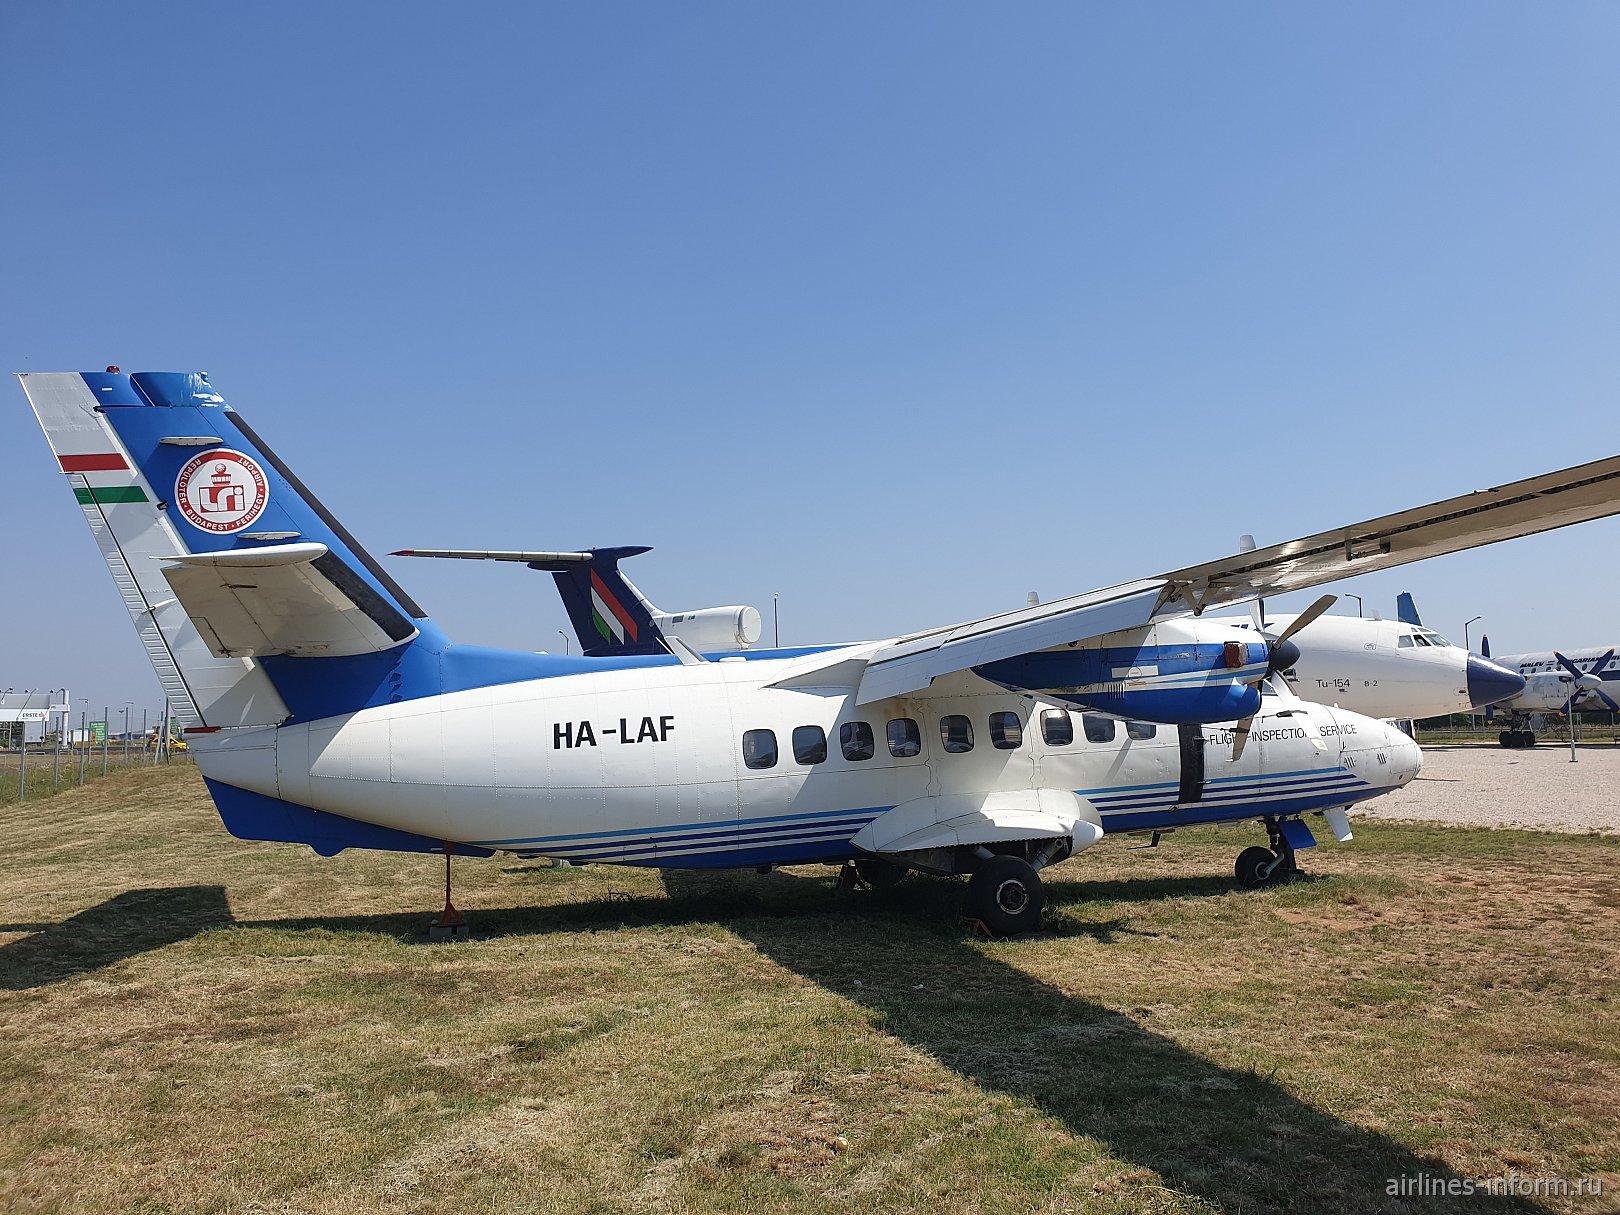 Самолет Let L-410 в авиационном музее аэропорта Будапешт